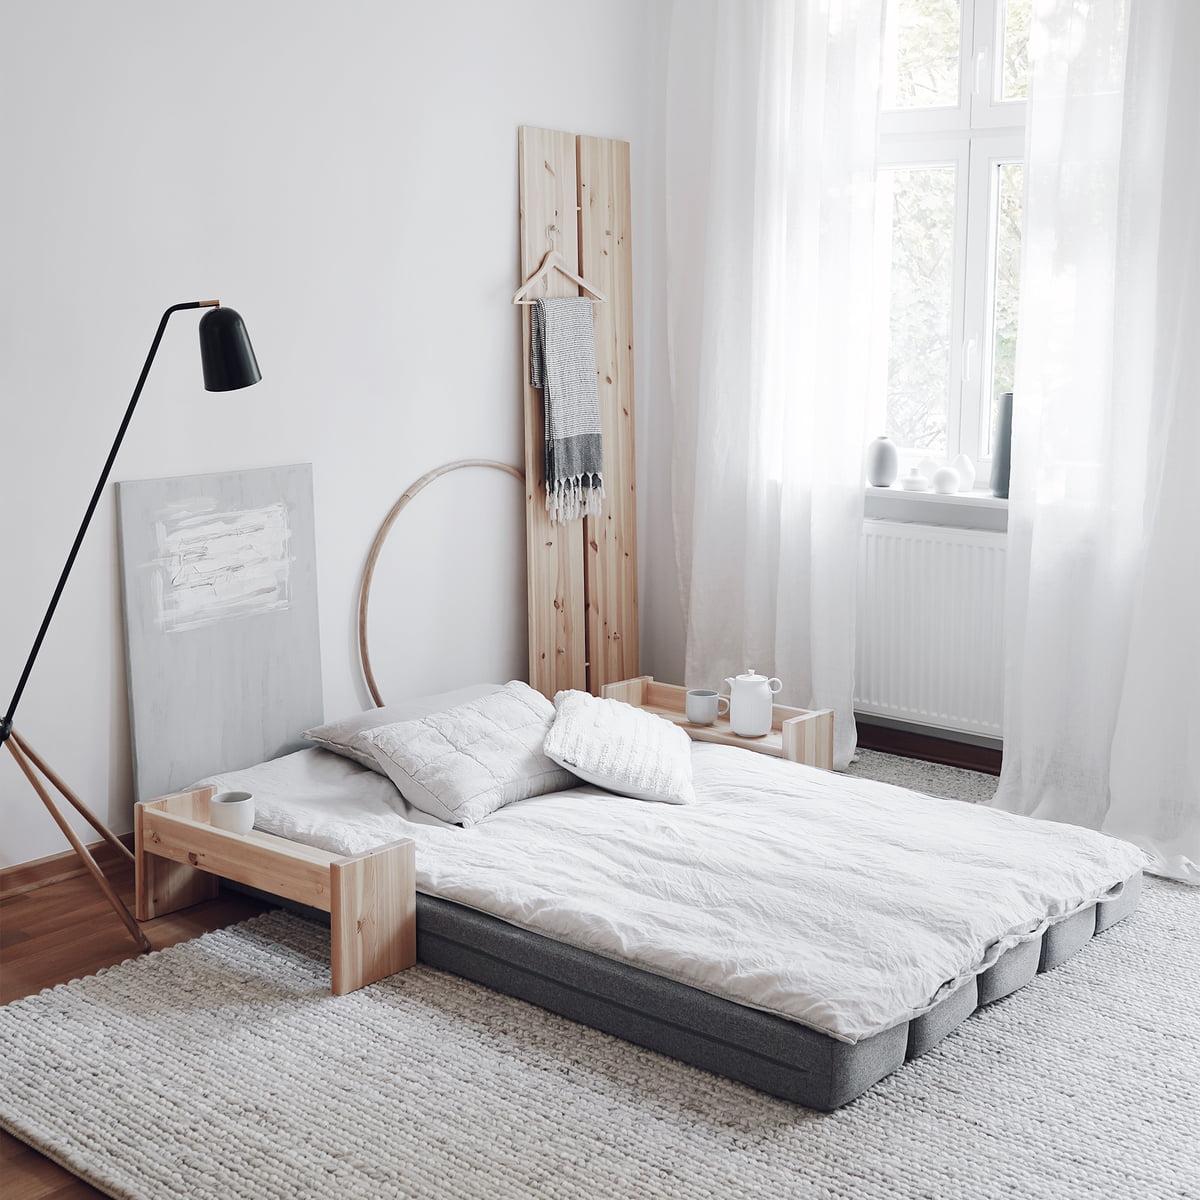 Full Size of Ausklappbares Bett Umu Daybed Von Karup Design Connox Wand Vintage Mit Schreibtisch Hülsta Betten Lifetime Kopfteil Selber Machen 90x200 Lattenrost Und Bett Ausklappbares Bett